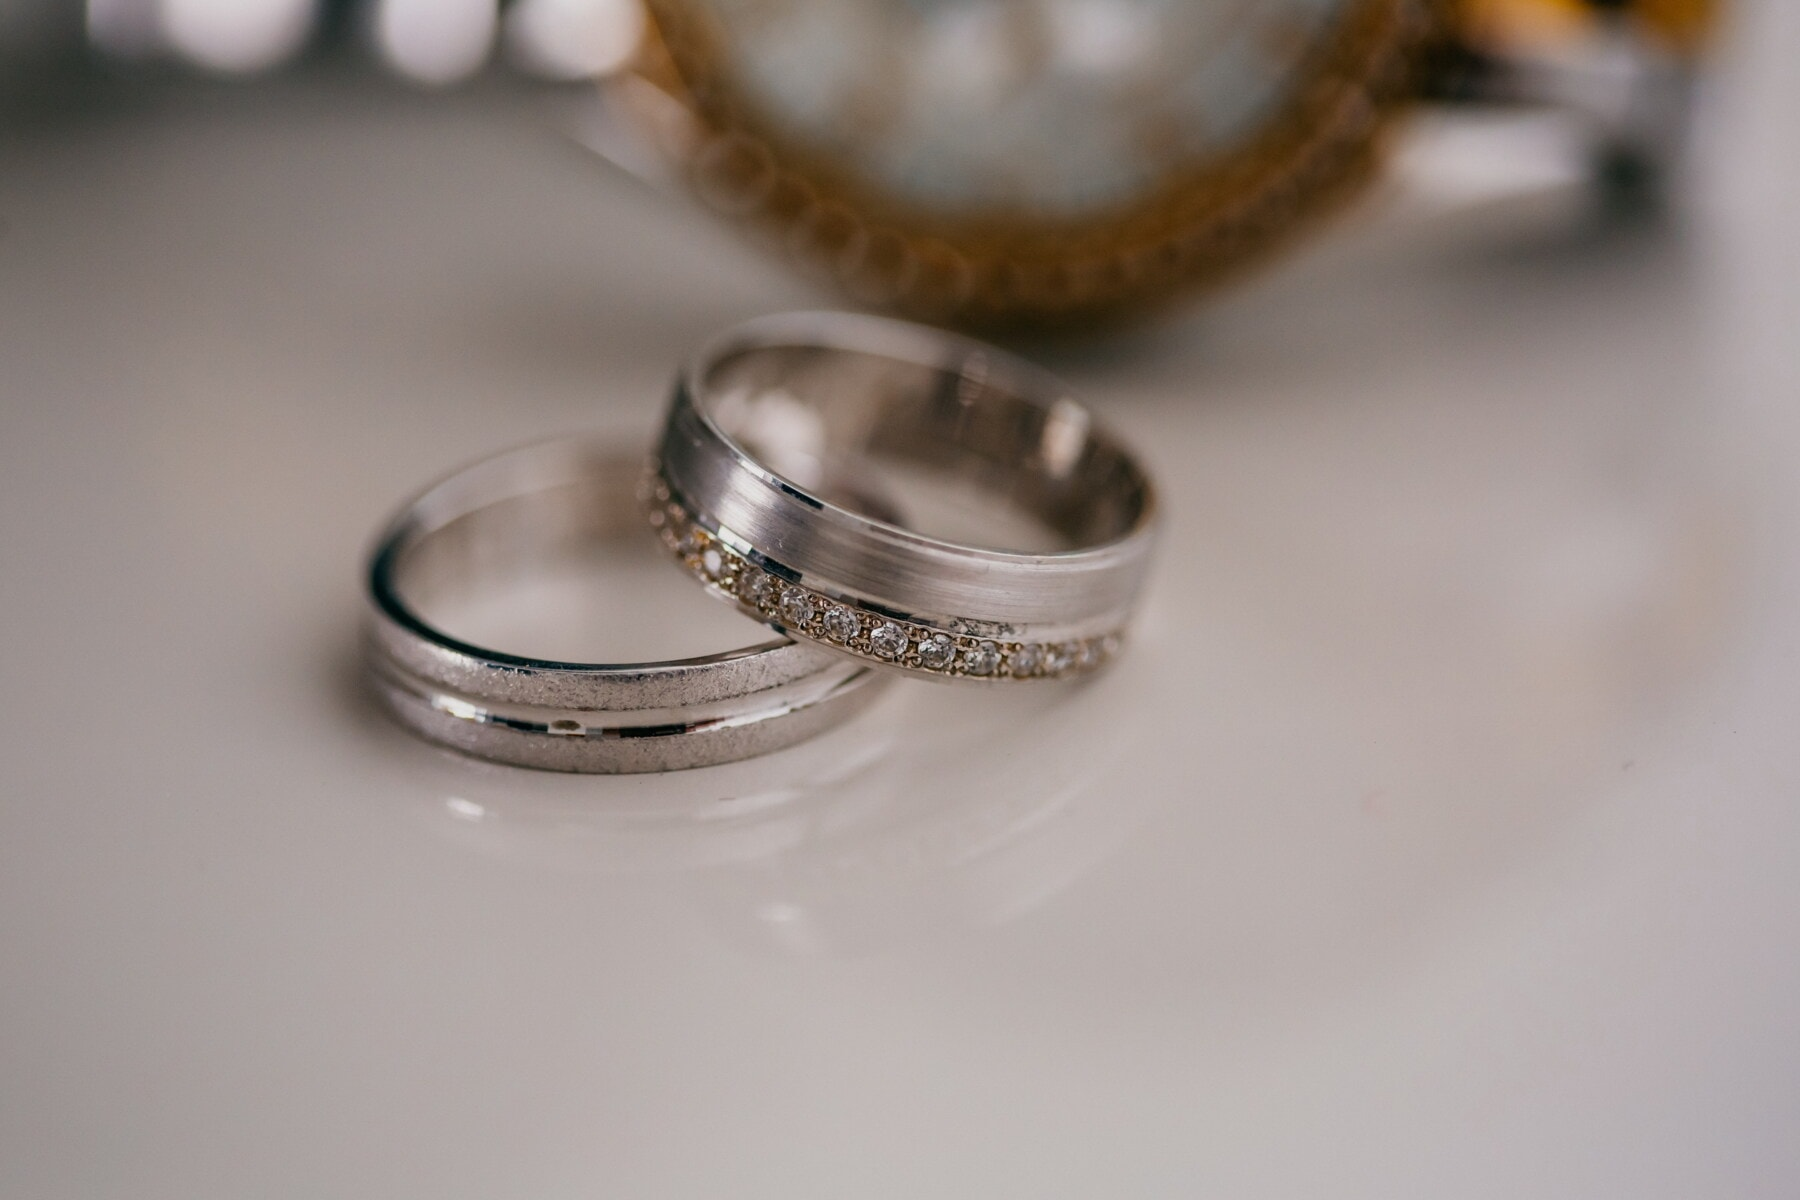 Platin, Ringe, aus nächster Nähe, Juwel, Schmuck, Armband, Luxus, Ehering, Still-Leben, verwischen